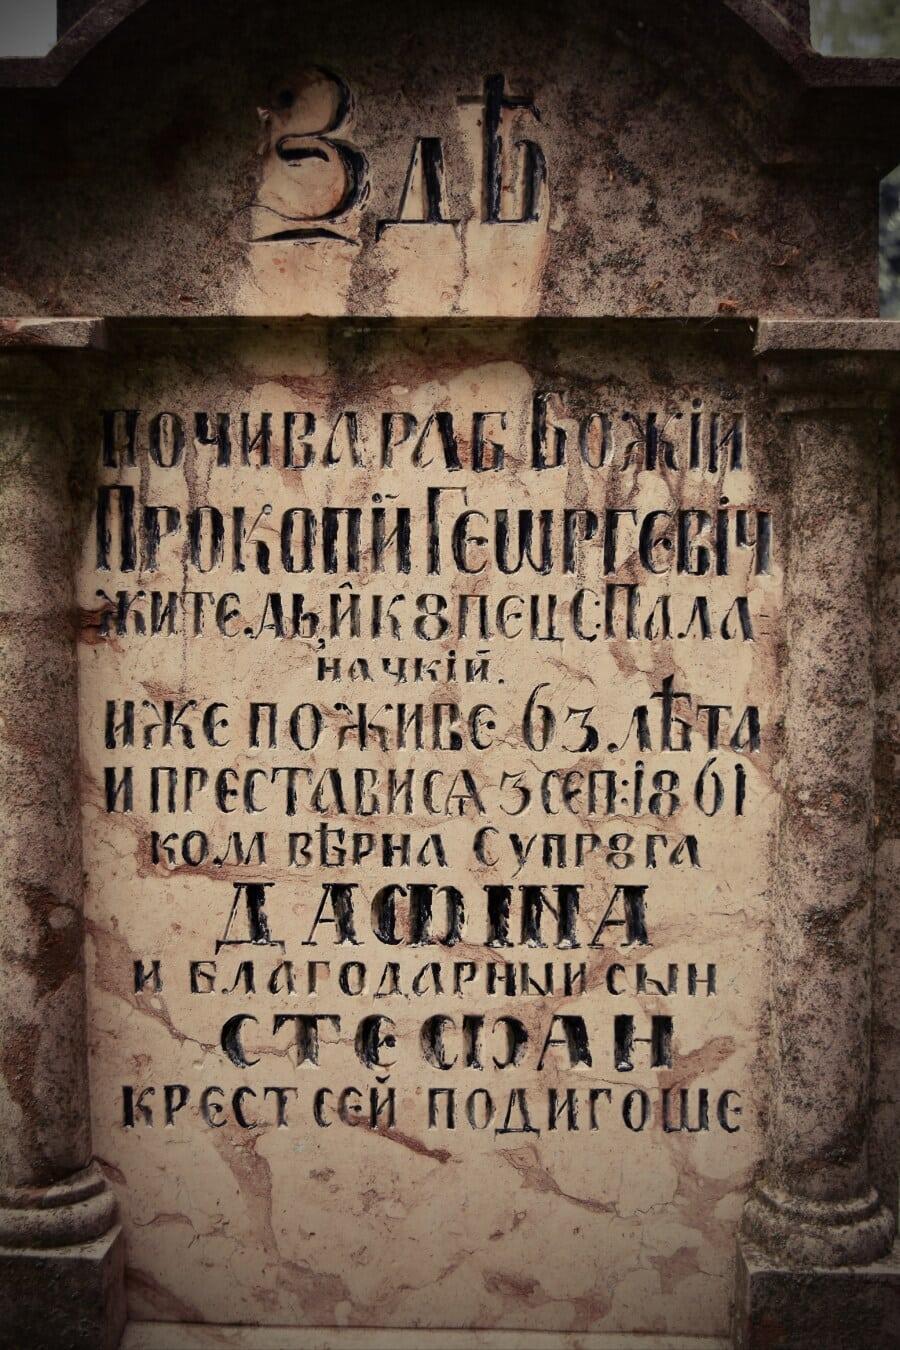 삭제 표시, 오래 된, 묘비, 무덤, 묘지, 버려진, 화강암, 역사적인, 더러운, 알파벳